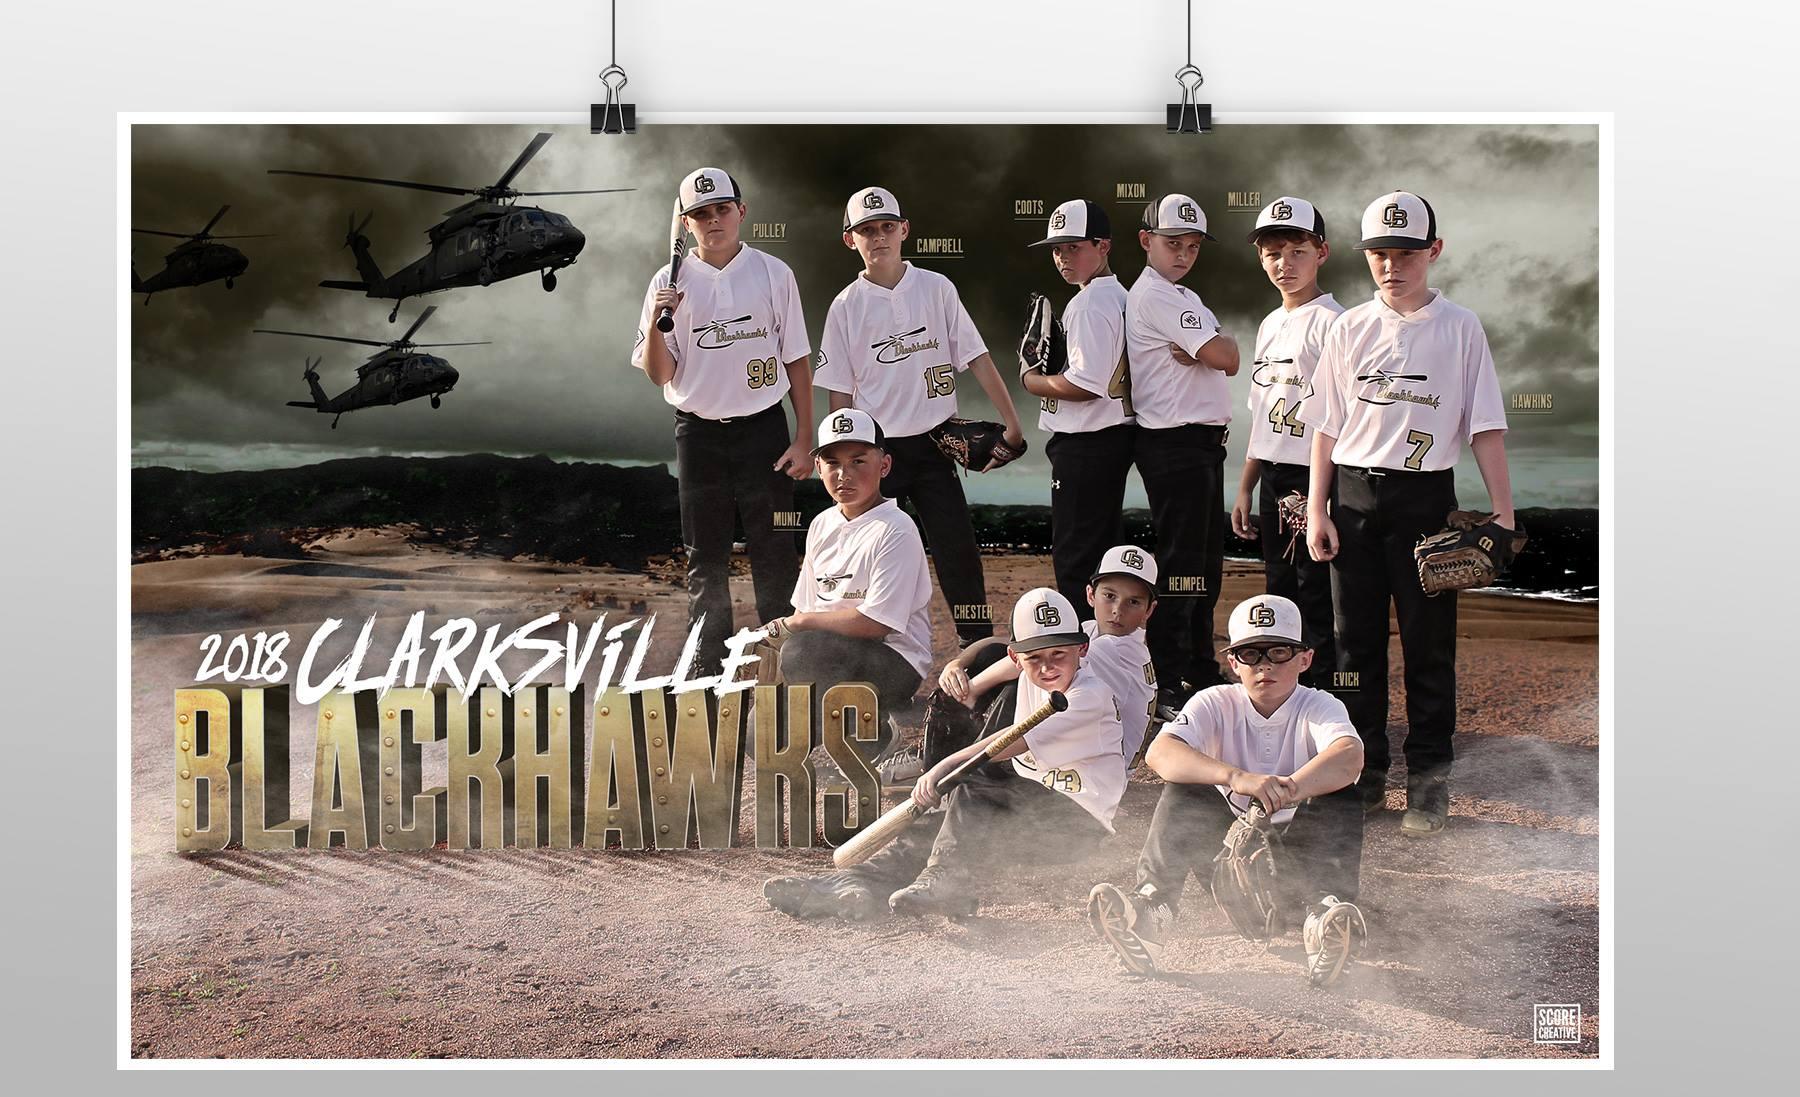 Blackhawks poster